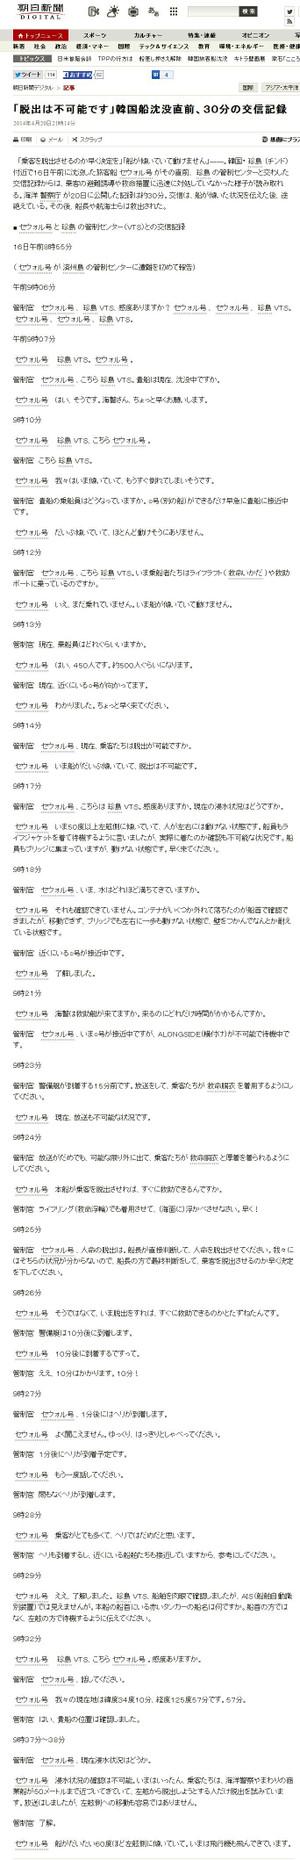 Http__digital_asahi_com_articles__2